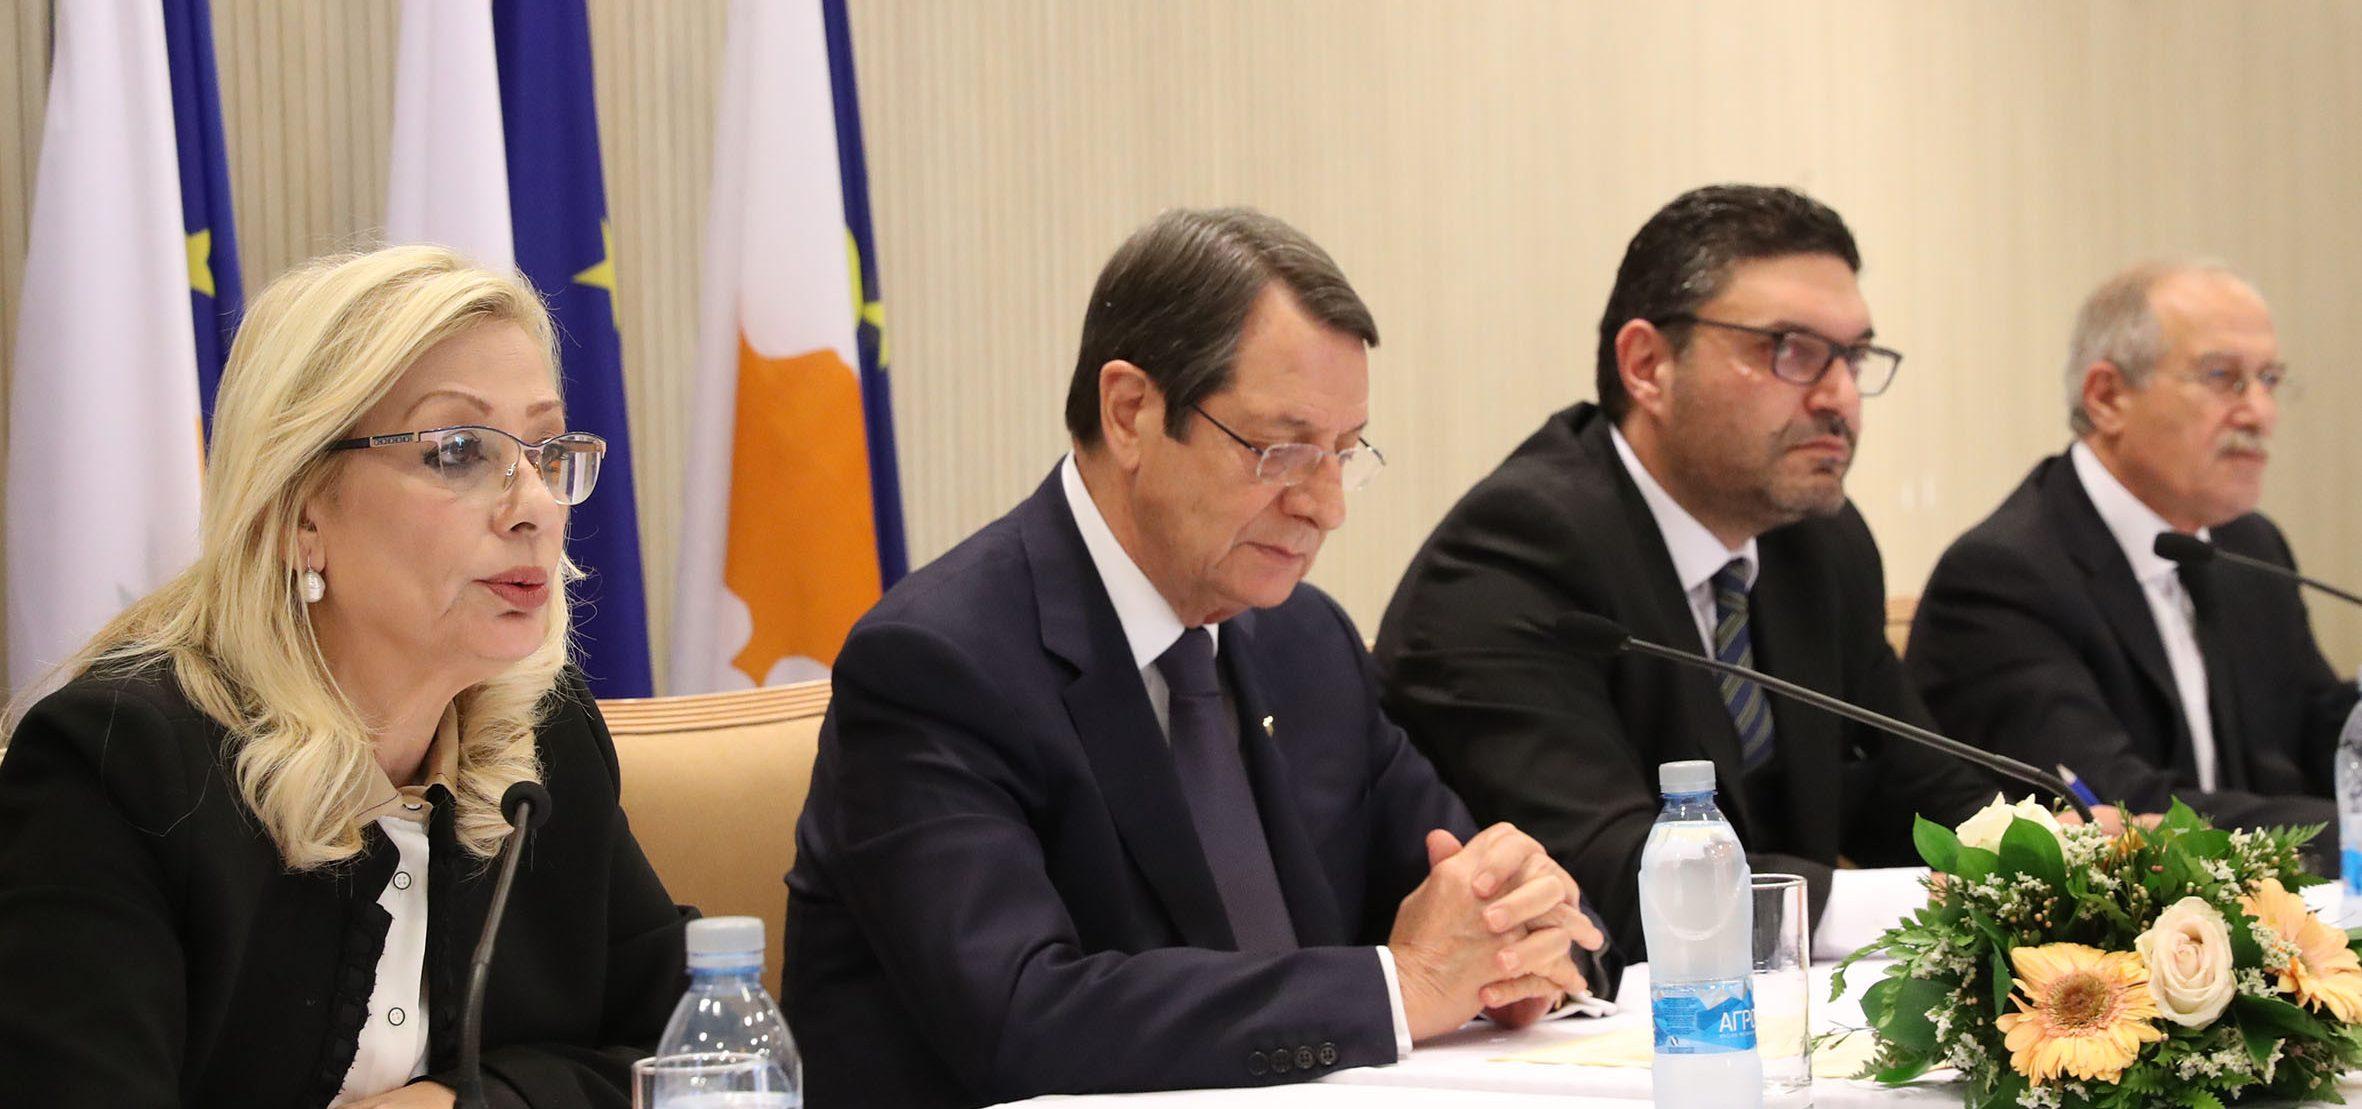 Προεδρικό Μέγαρο, Λευκωσία, Κύπρος  Δηλώσεις μετά το πέρας του Υπουργικού Συμβουλίου. // Presidential Palace, Lefkosia, Cyprus  Remarks to the Media after the meeting of the Council of Ministers.